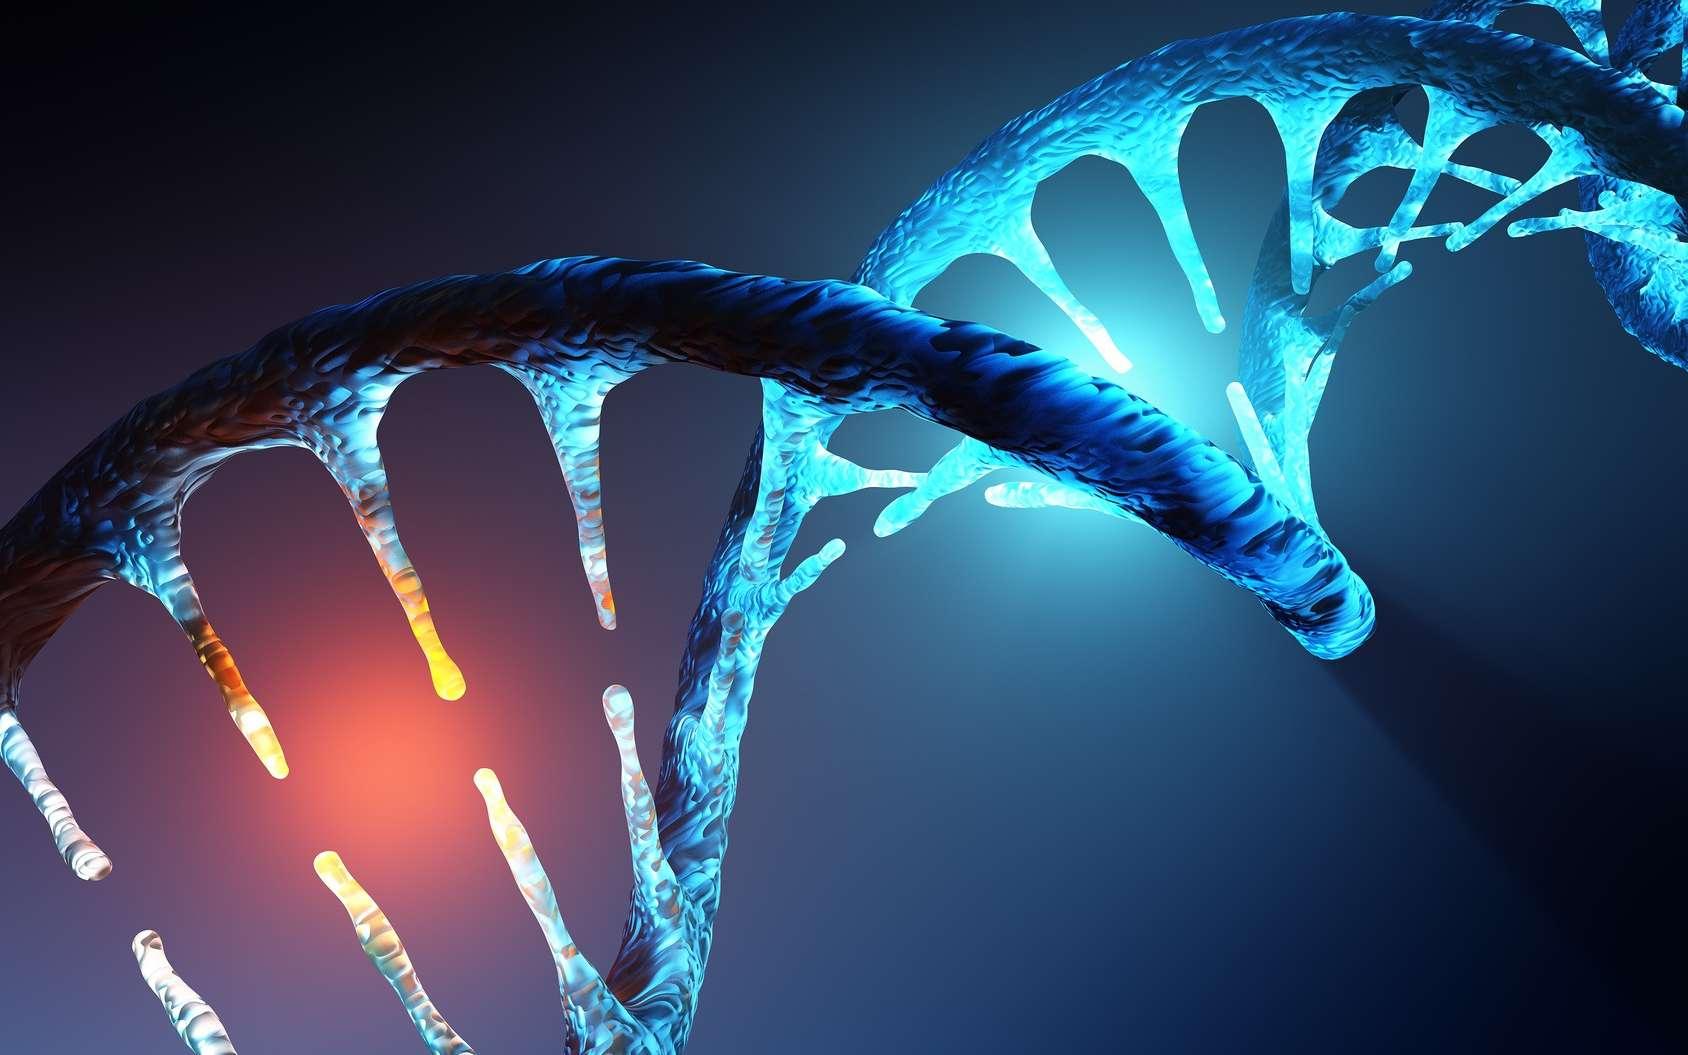 Nous connaissons l'ADN sous la forme d'une hélice double brin. Mais il présente parfois d'autres structures. Une nouvelle forme a ainsi été découverte dans des cellules humaines. © JohanSwanepoel, Fotolia